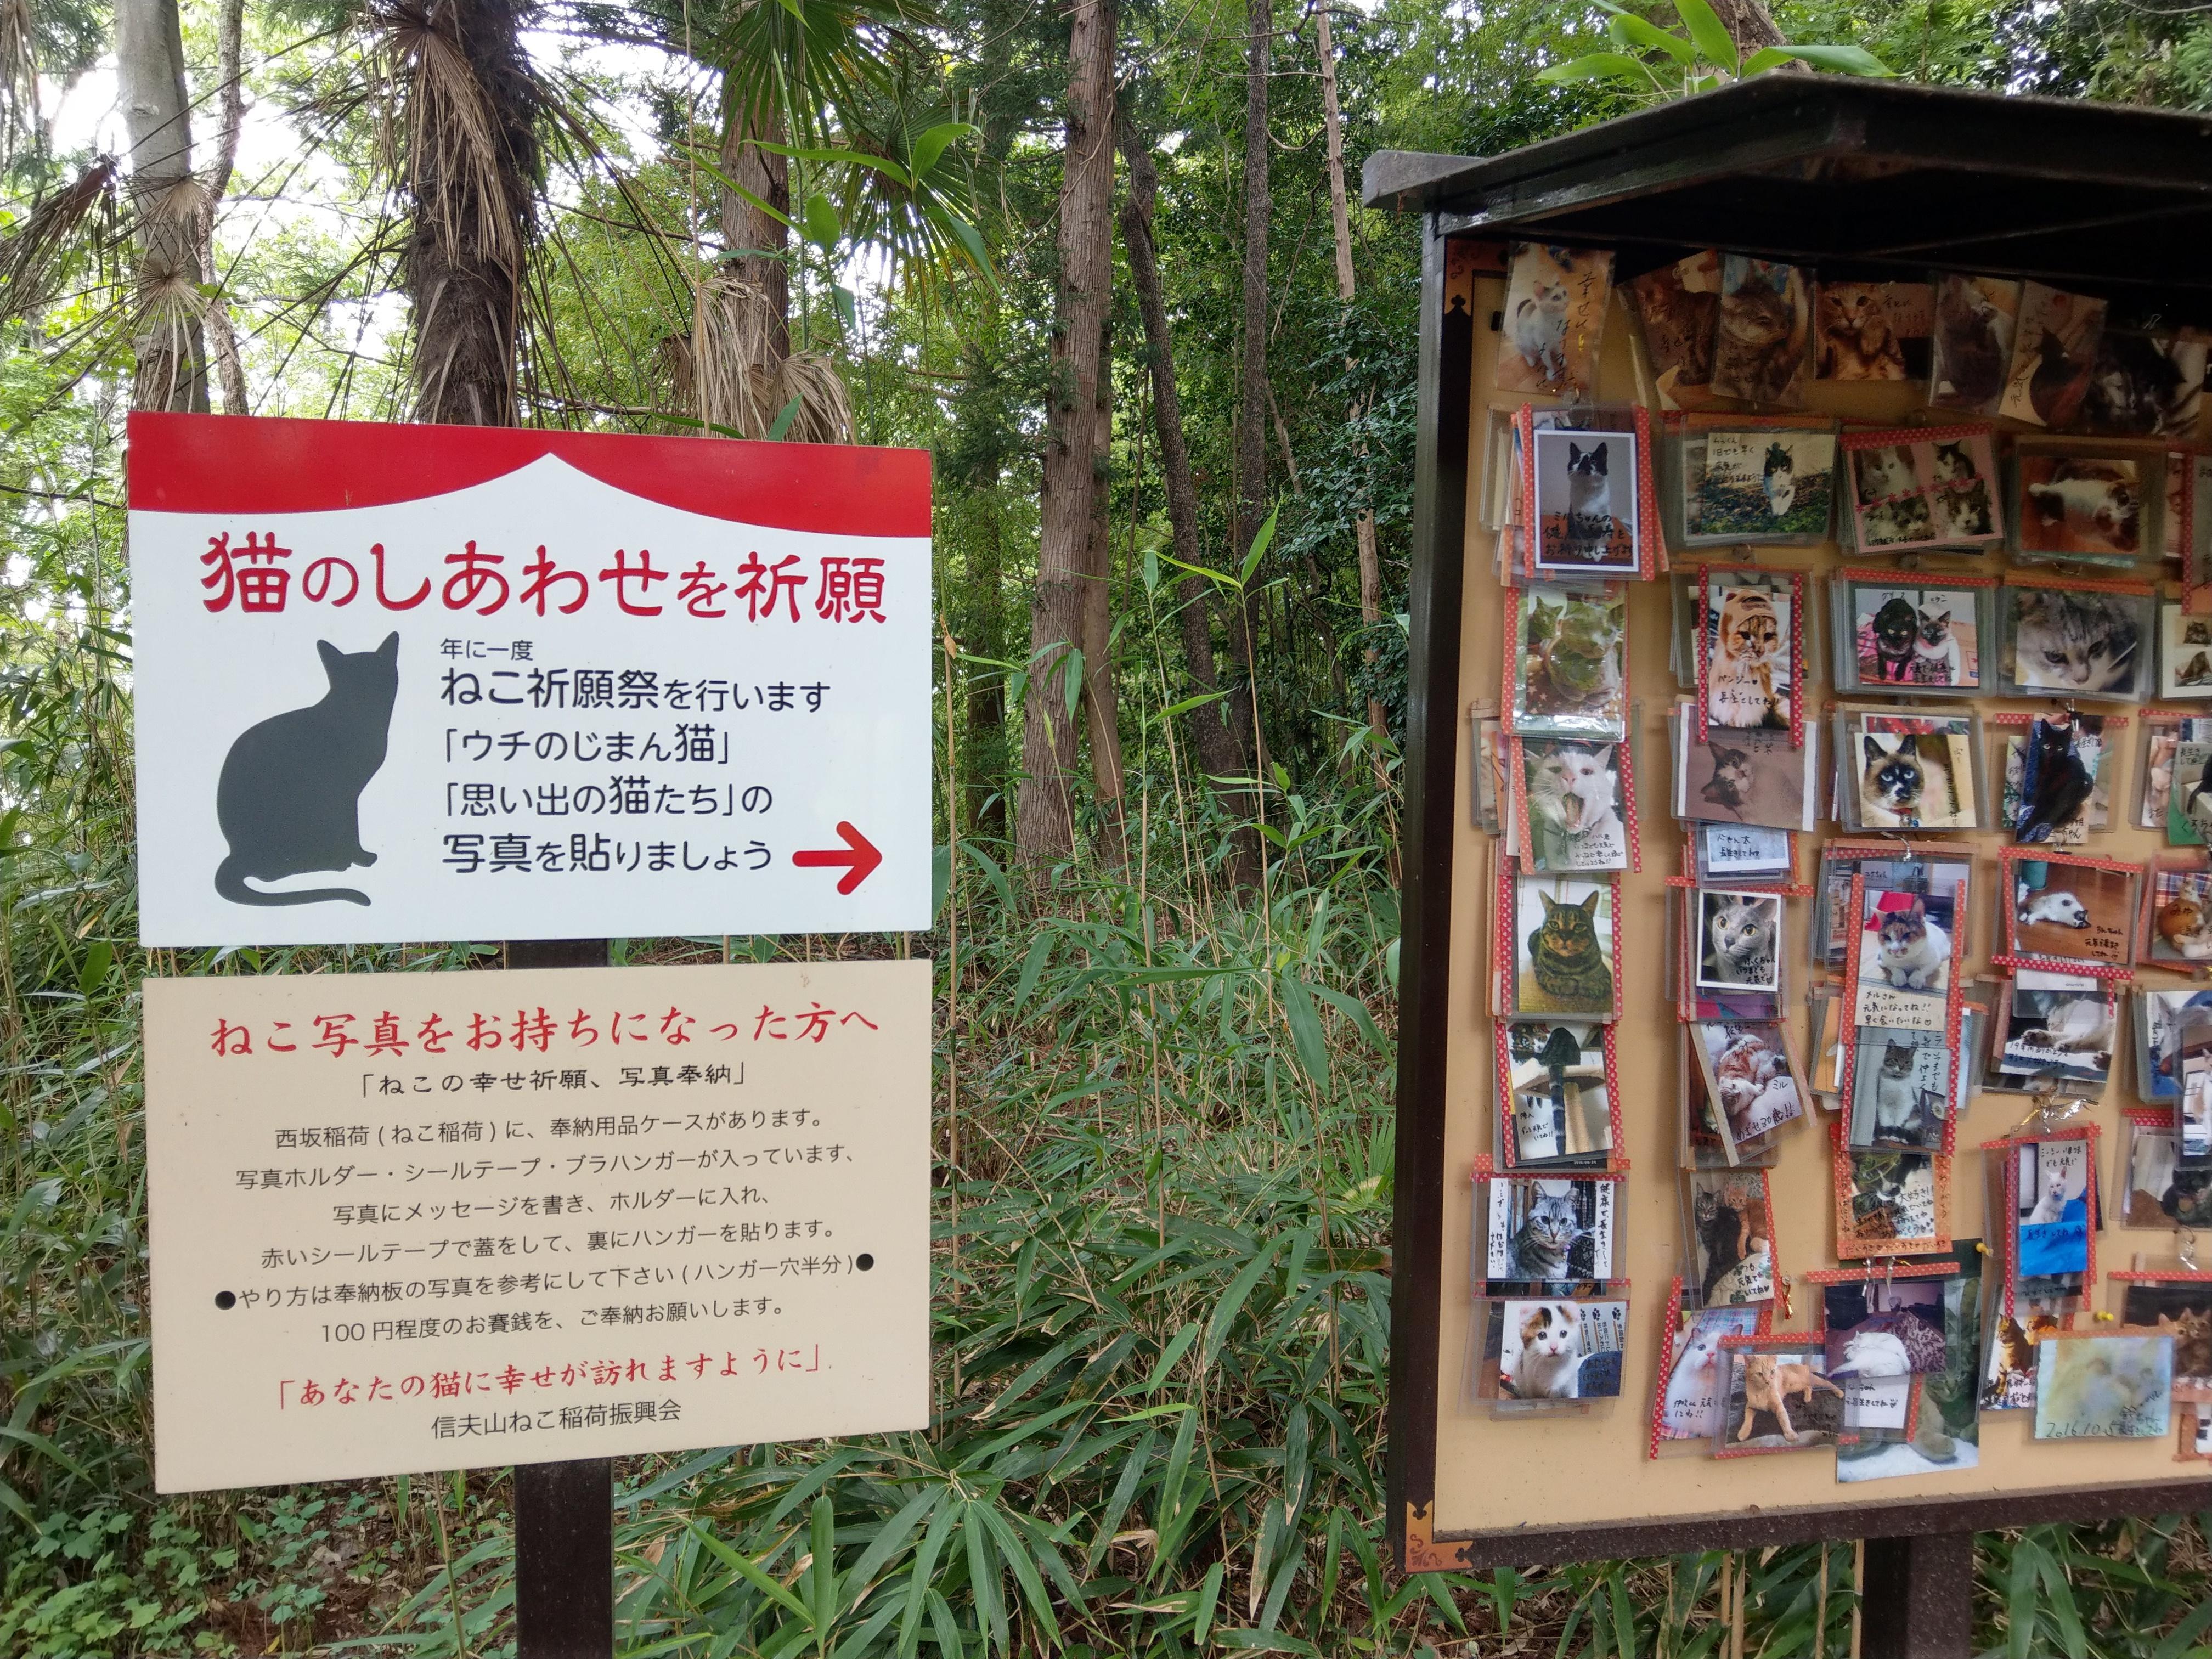 西坂ねこ稲荷神社の建物その他